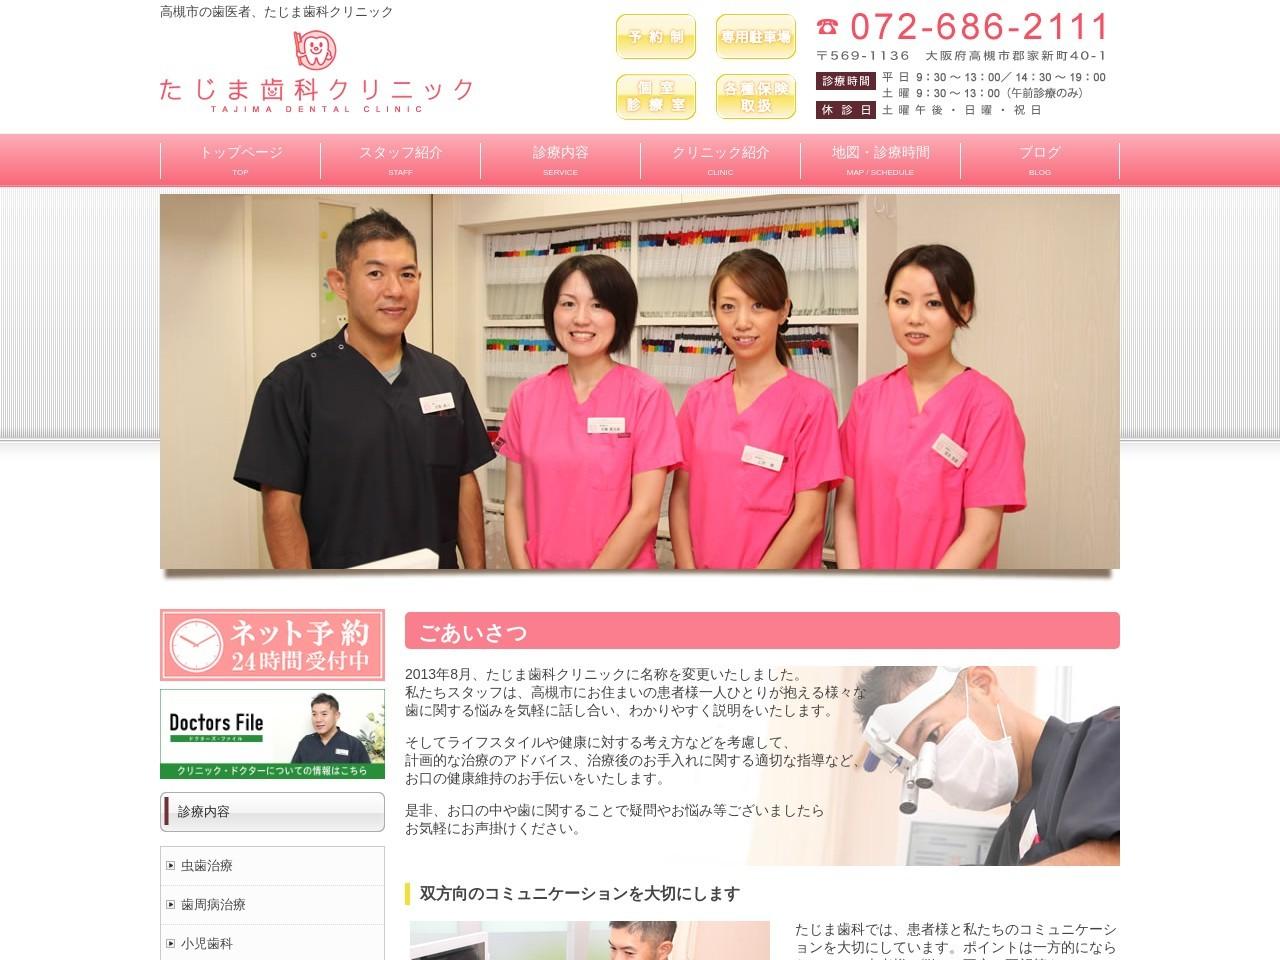 たじま歯科クリニック (大阪府高槻市)